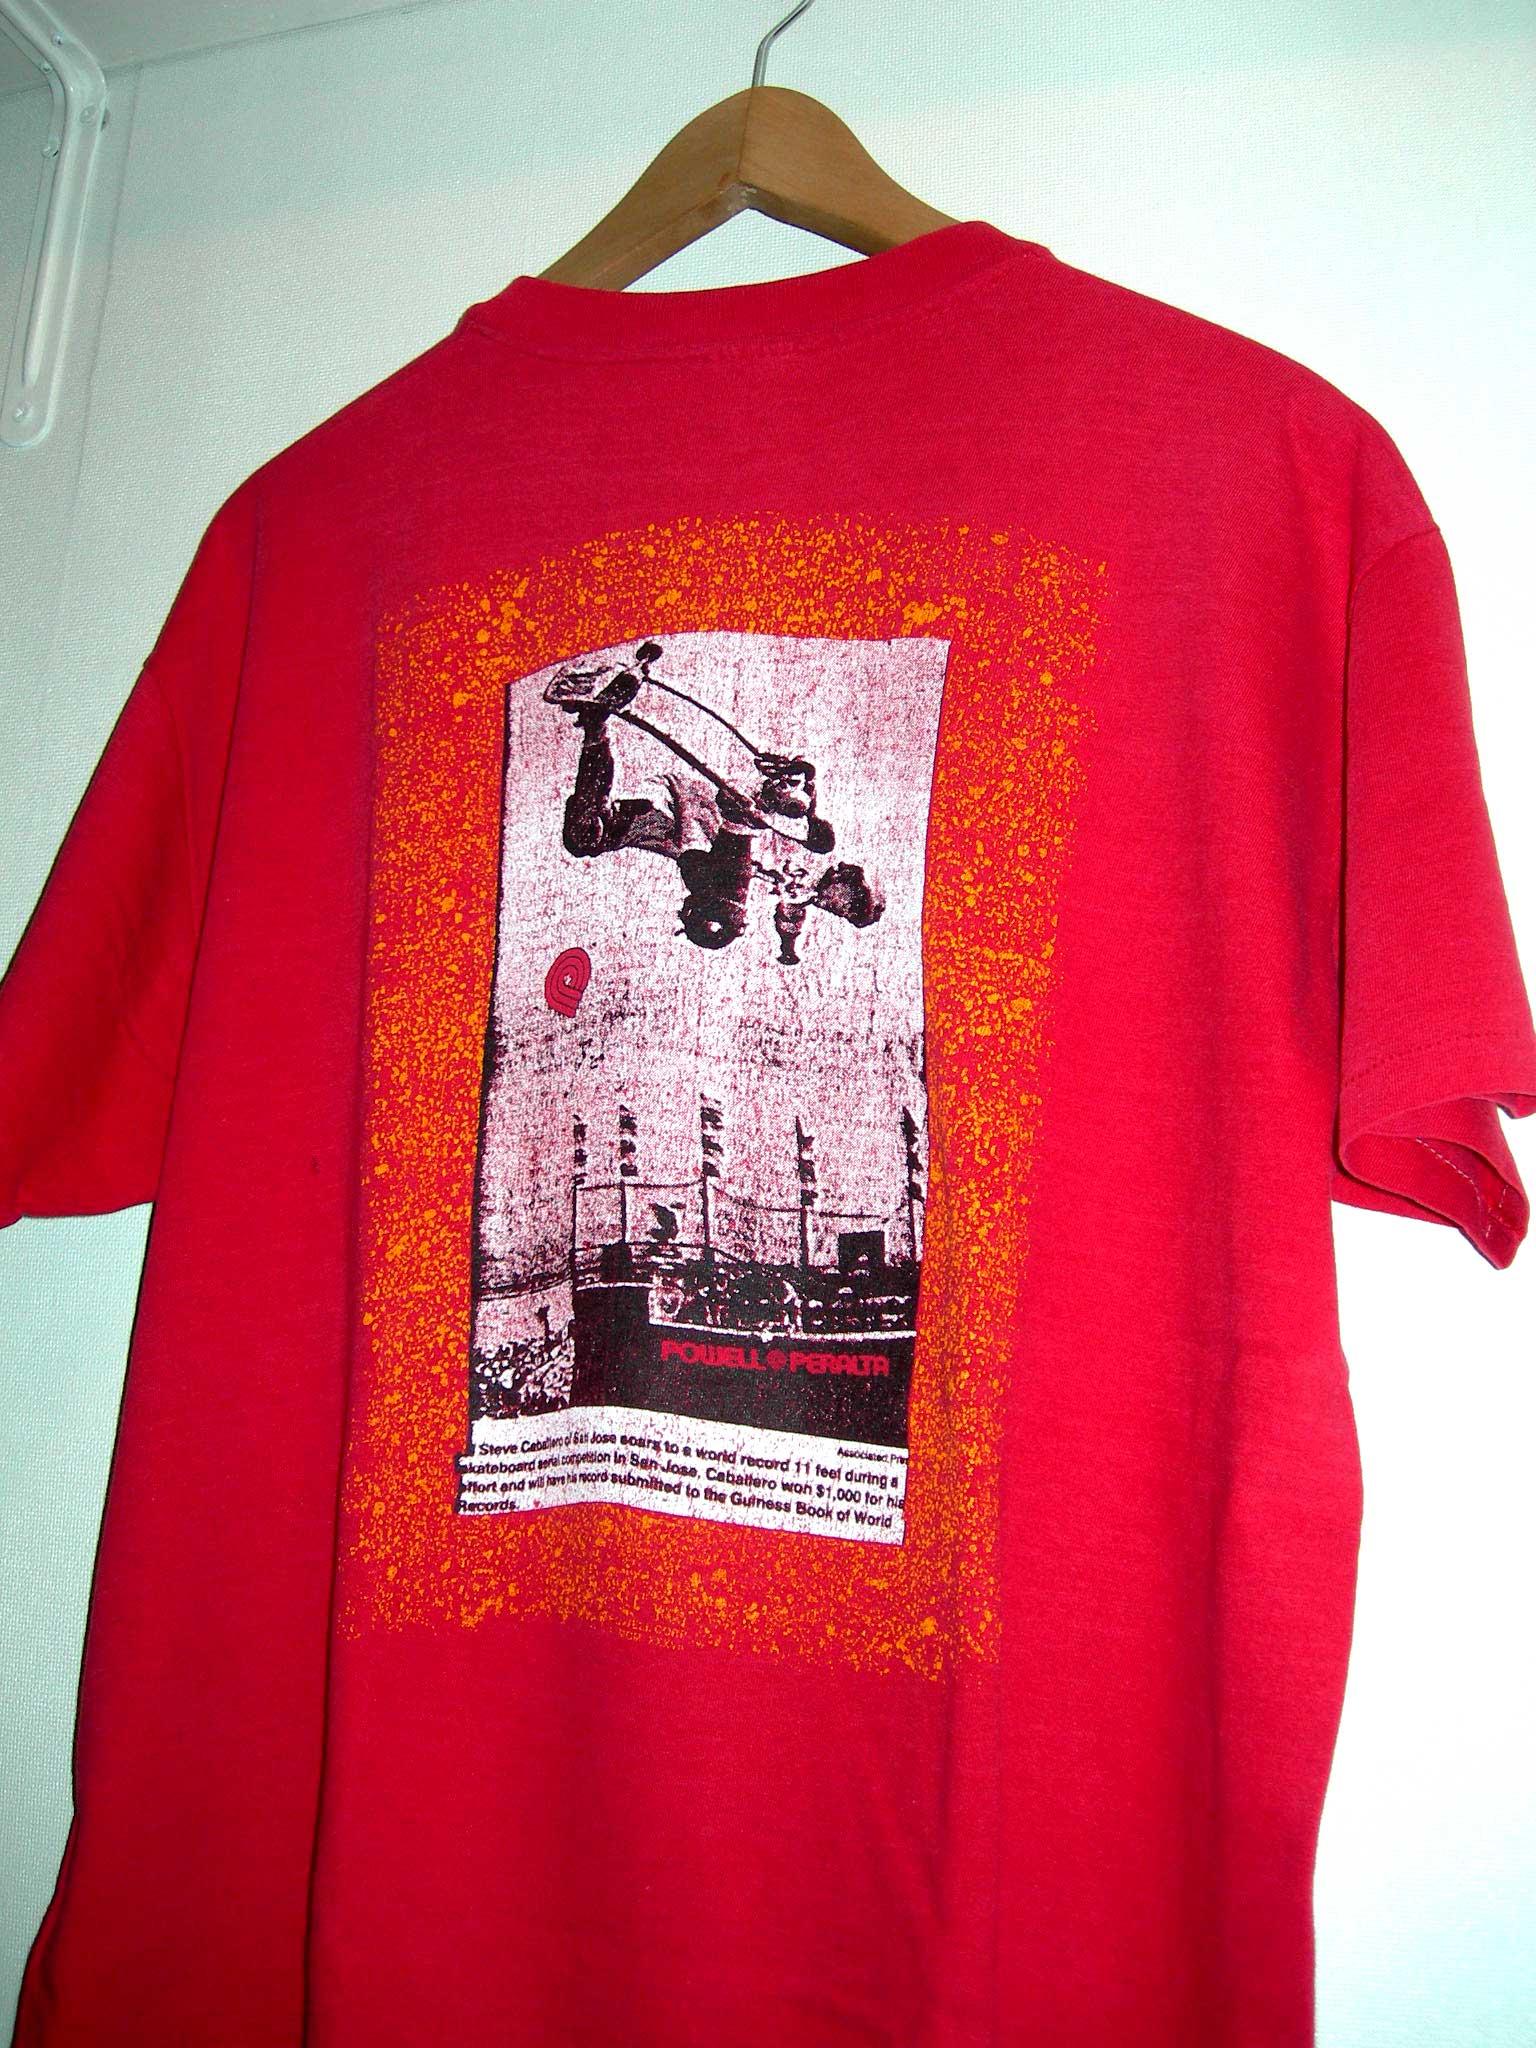 赤のフォトなPOWELLのTシャツ_c0078333_217596.jpg